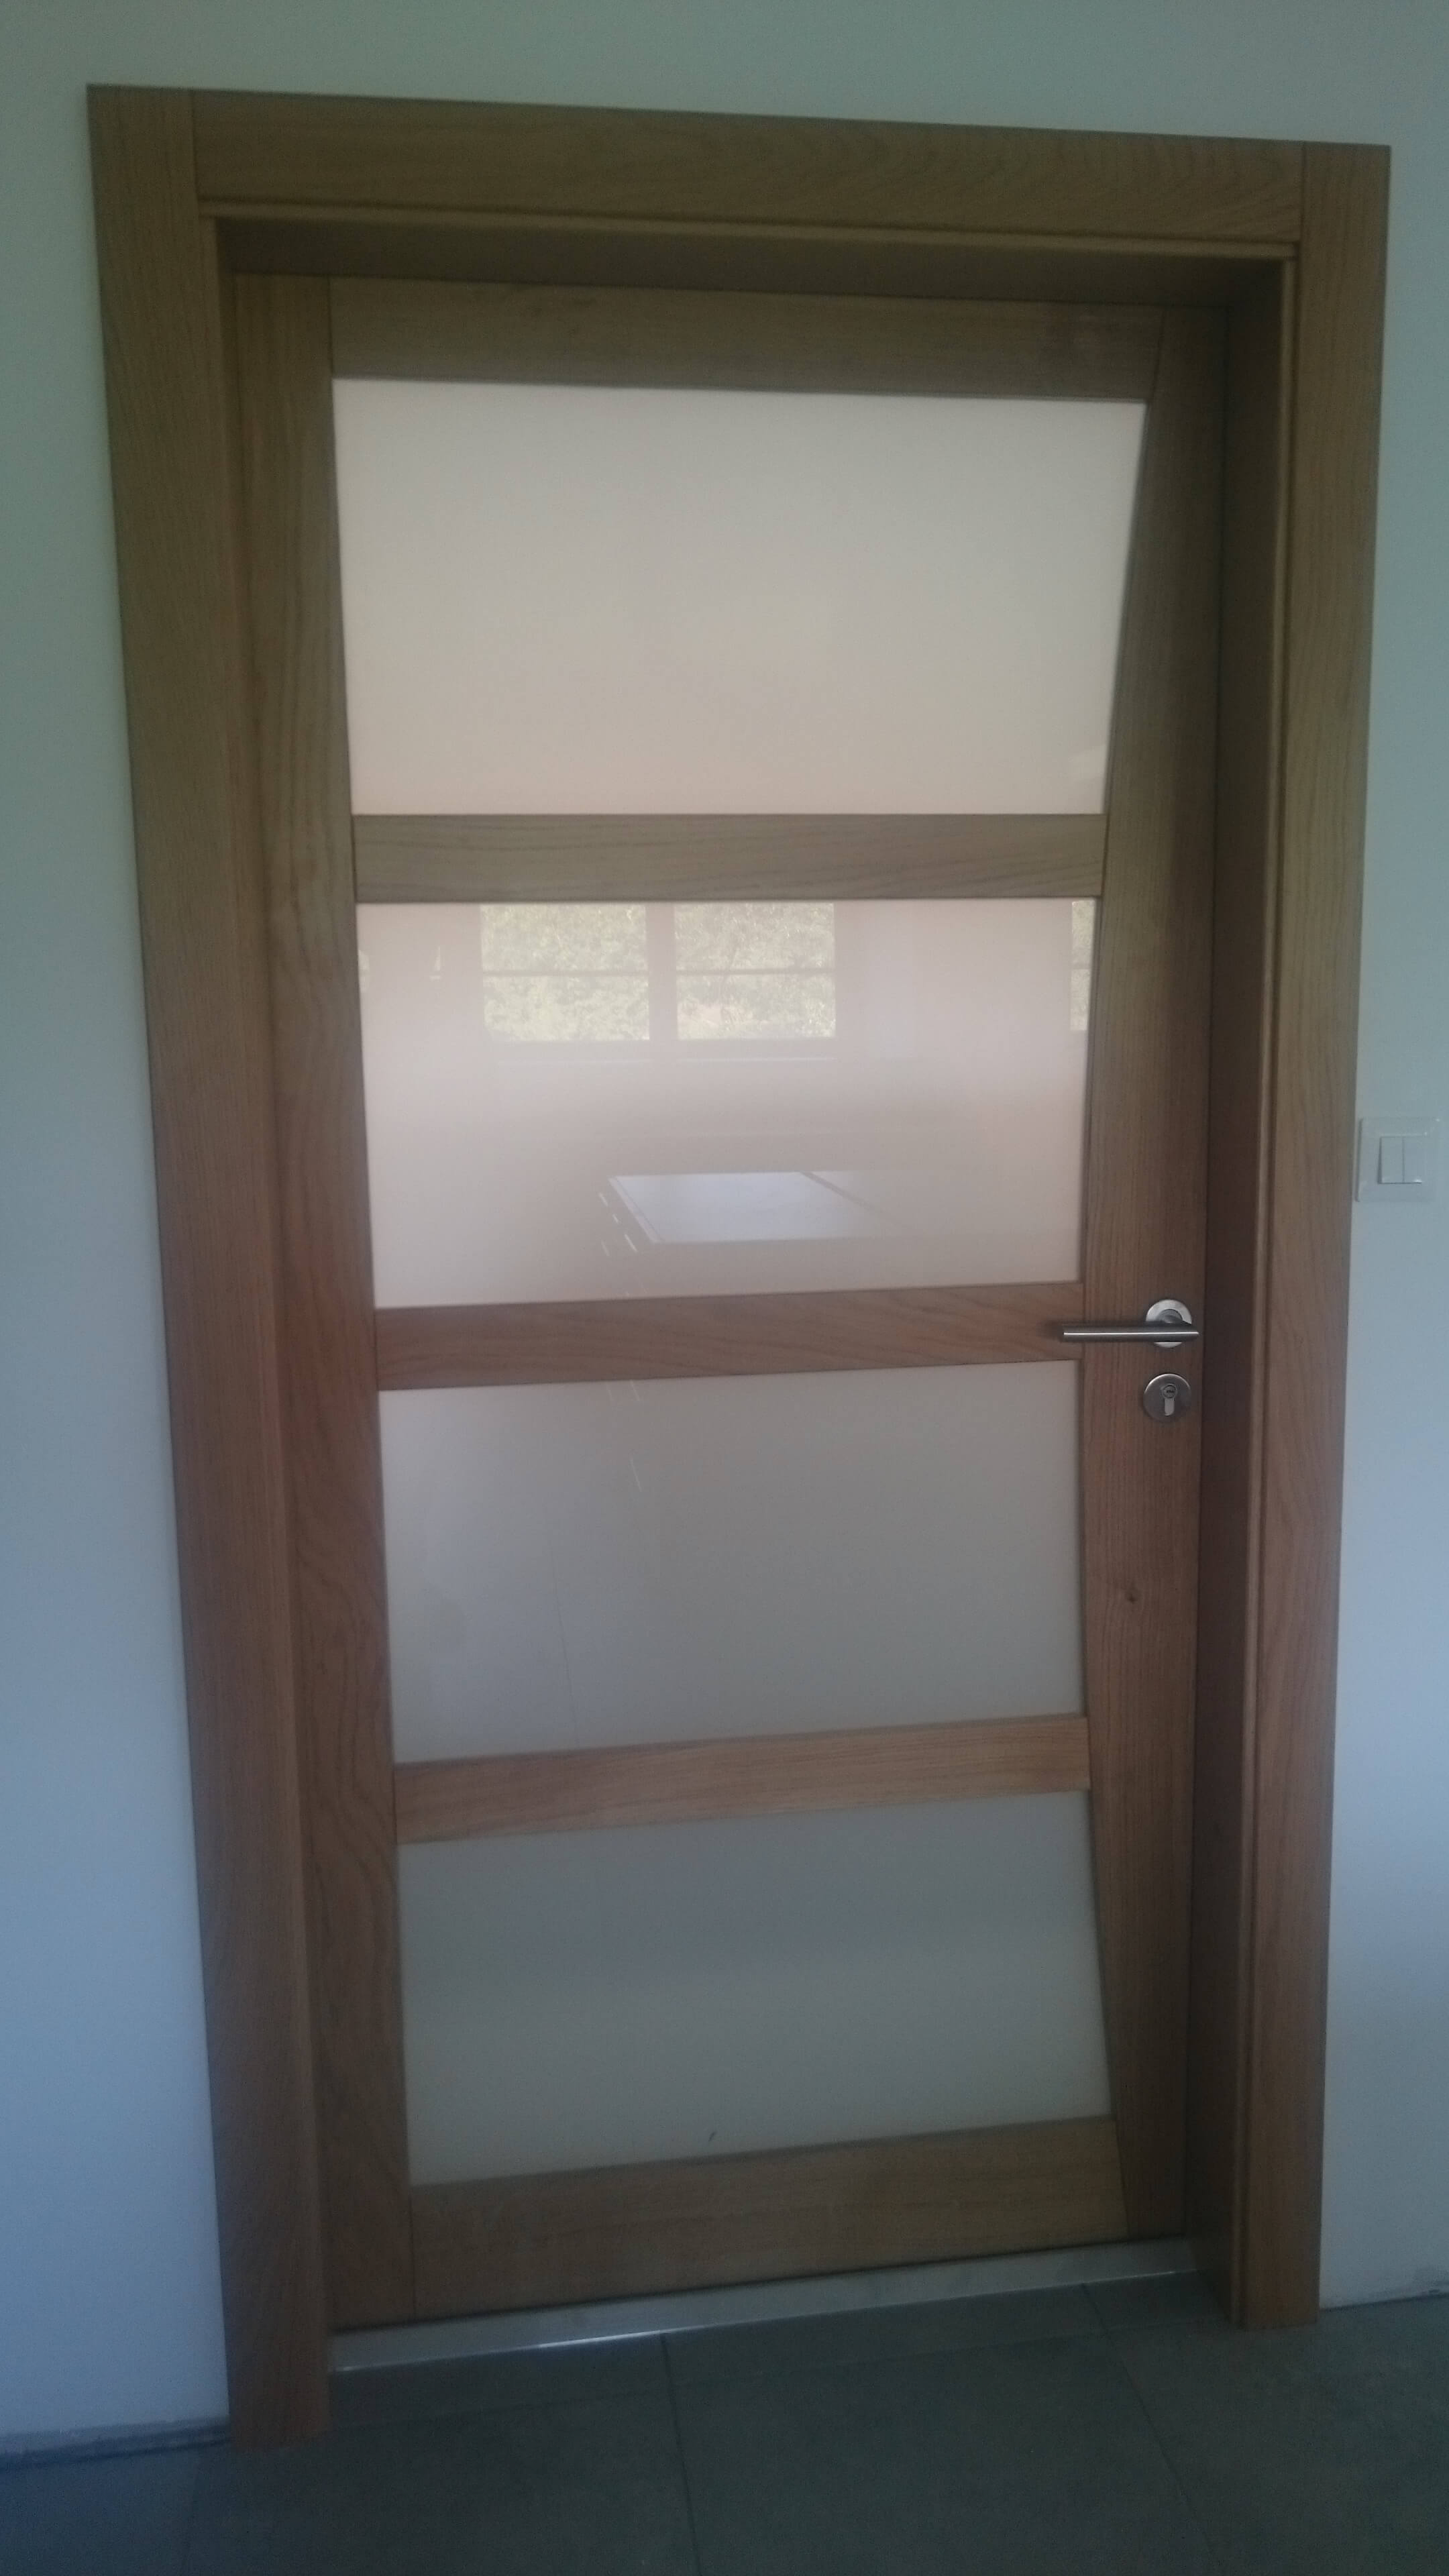 Menuiserie Figard - Fabrication sur mesure - Porte d'intérieur - Chêne vitrage opale - Vesoul